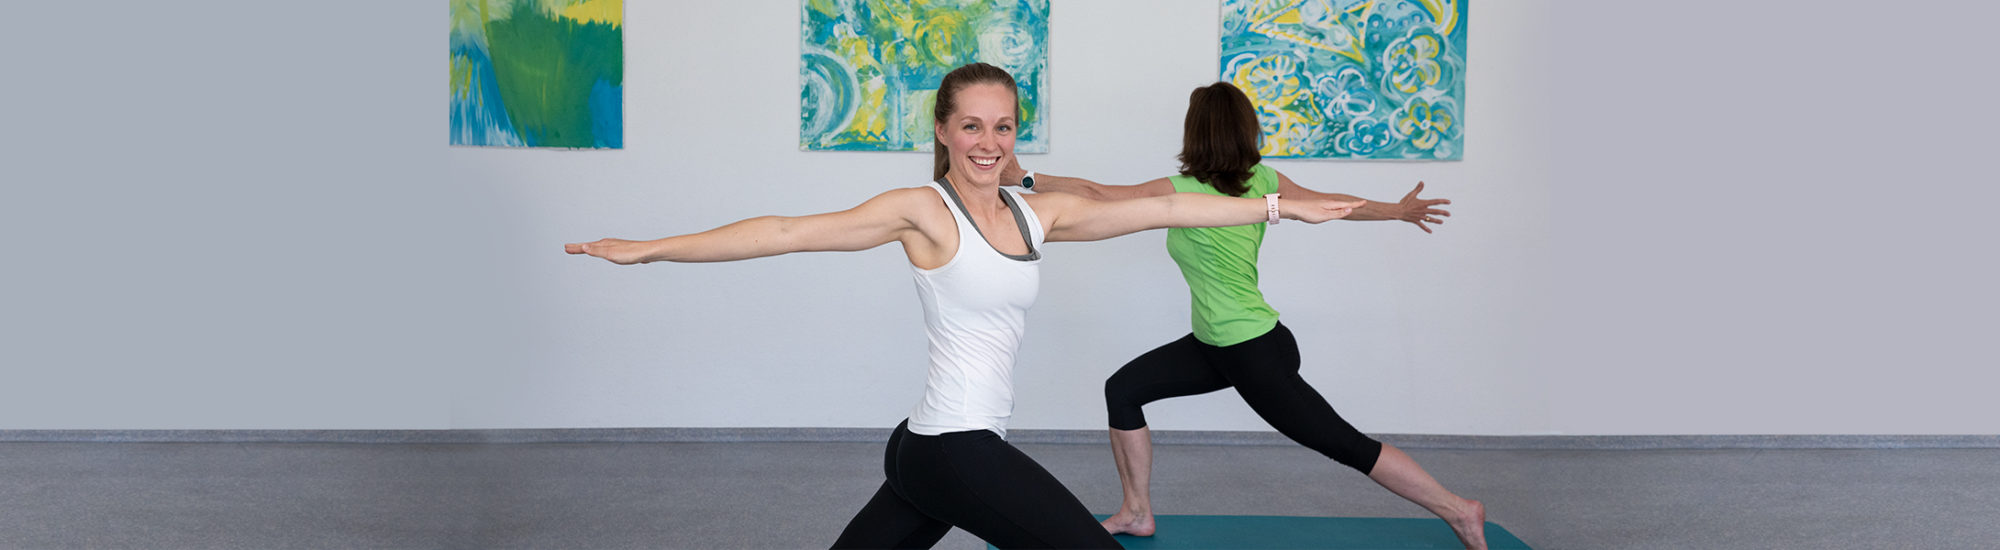 Klinikum_Yoga